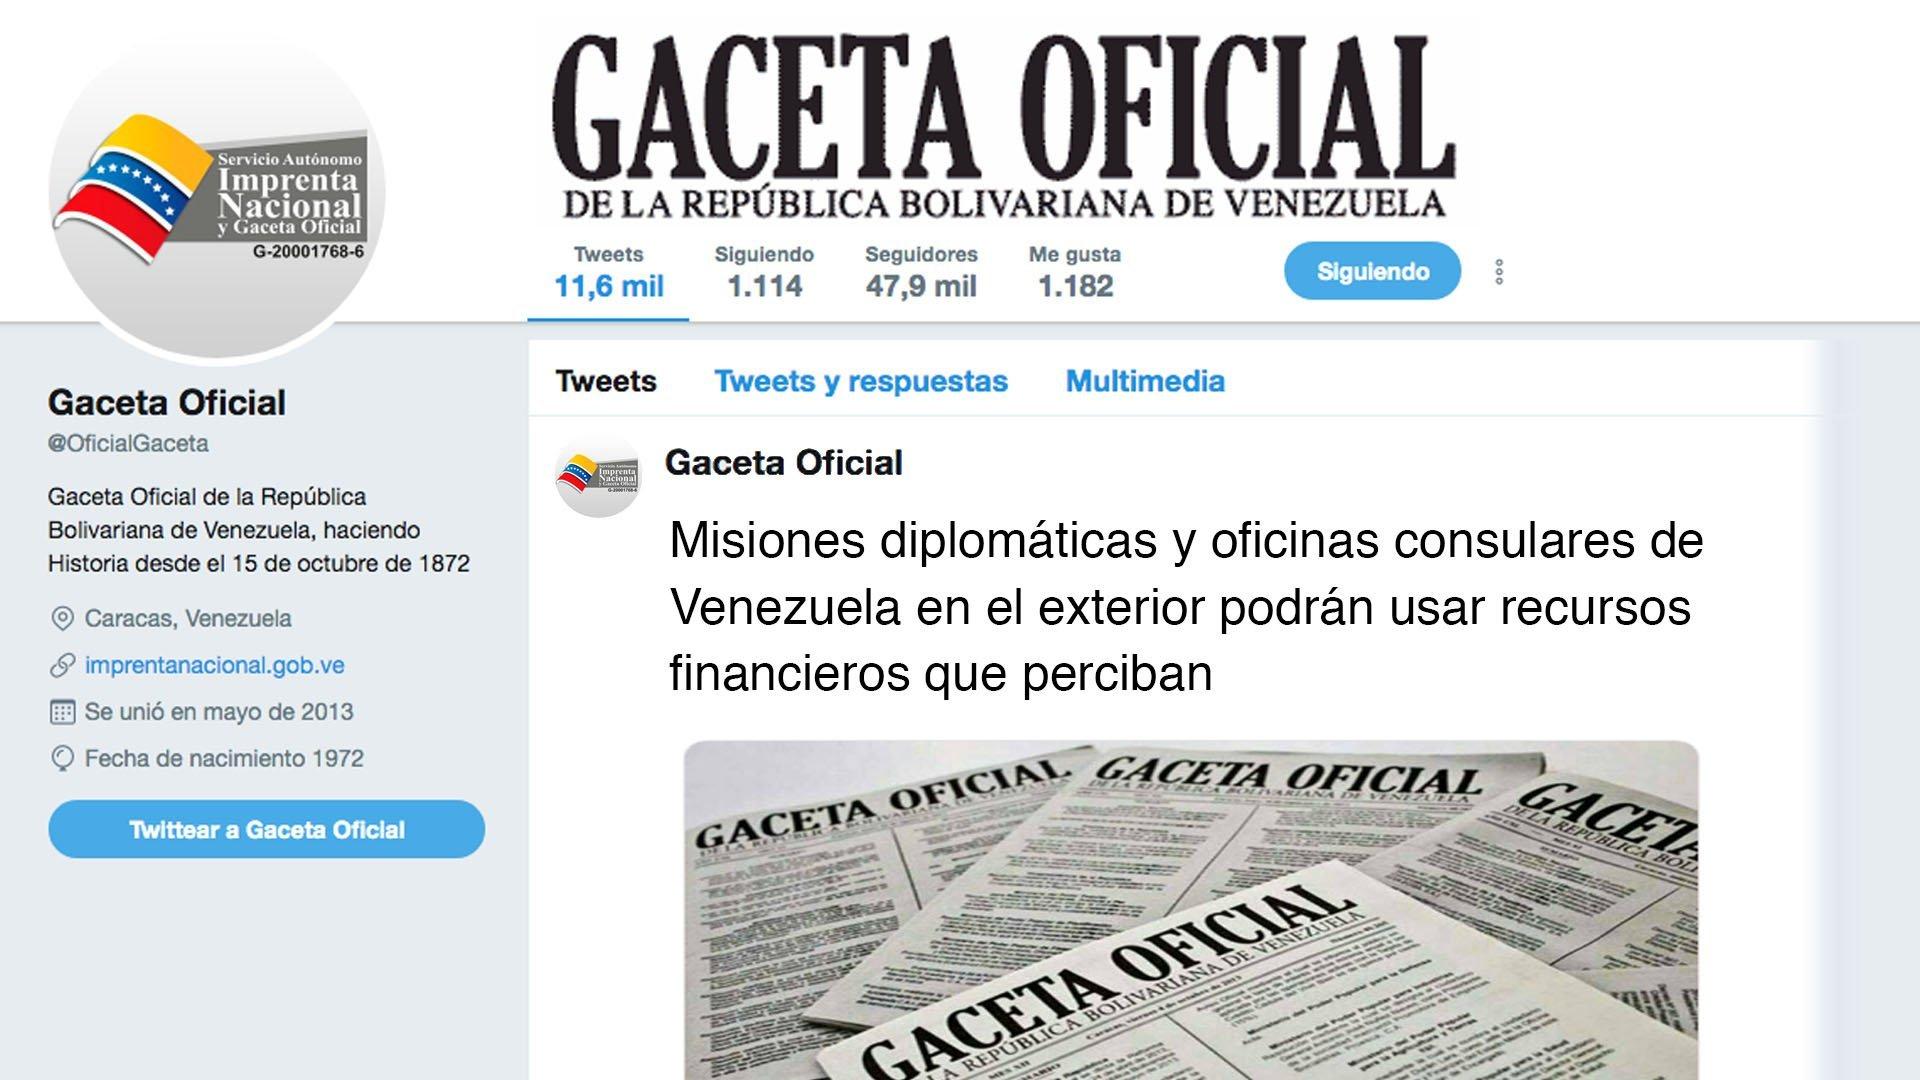 Misiones diplomáticas y oficinas consulares de Venezuela en el exterior podrán usar recursos financieros que perciban